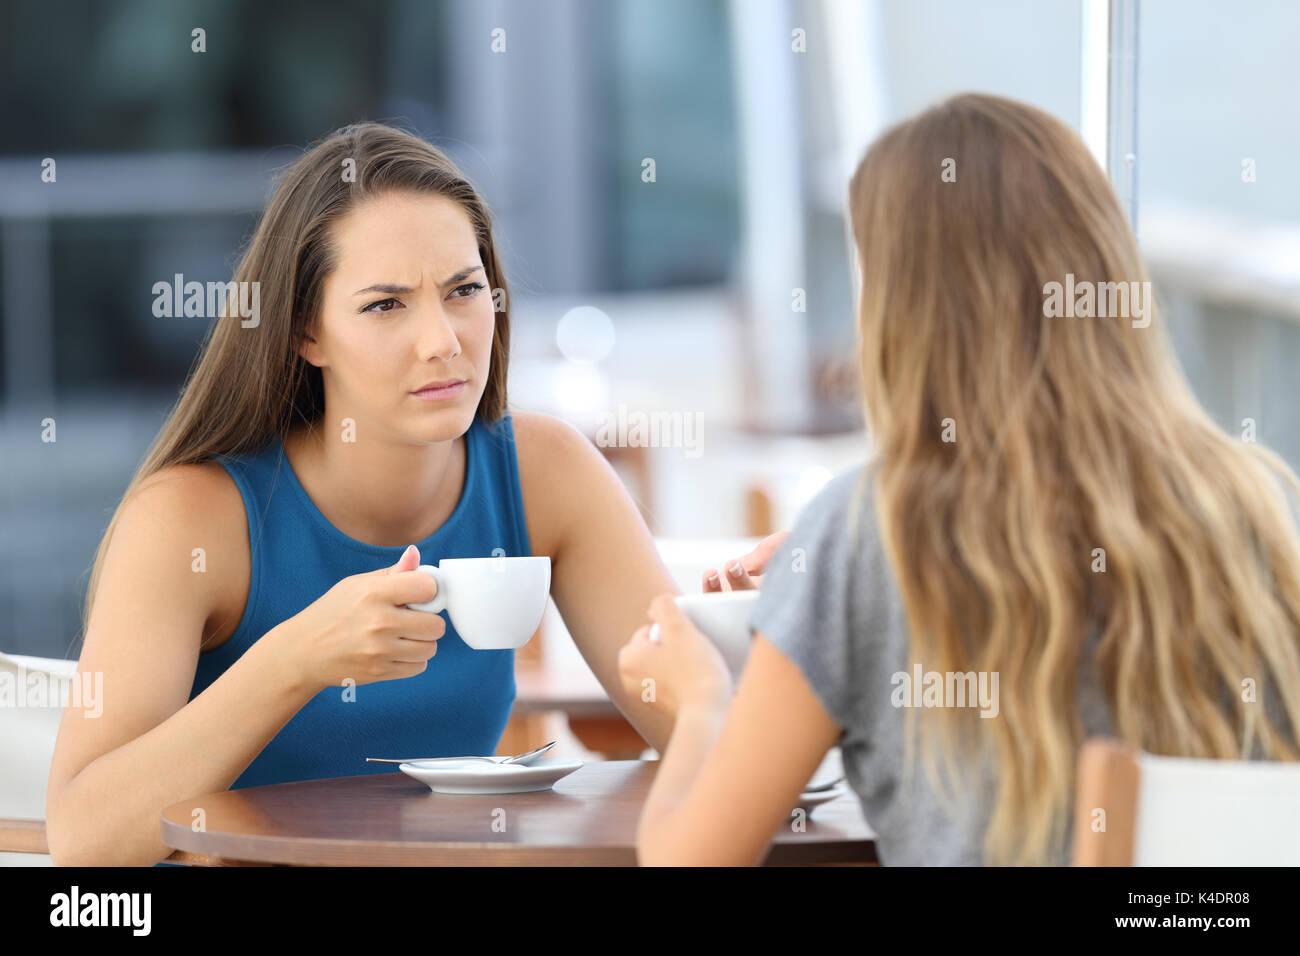 Zwei schwere Freunde ein Gespräch in einer Bar auf der Terrasse sitzen Stockbild